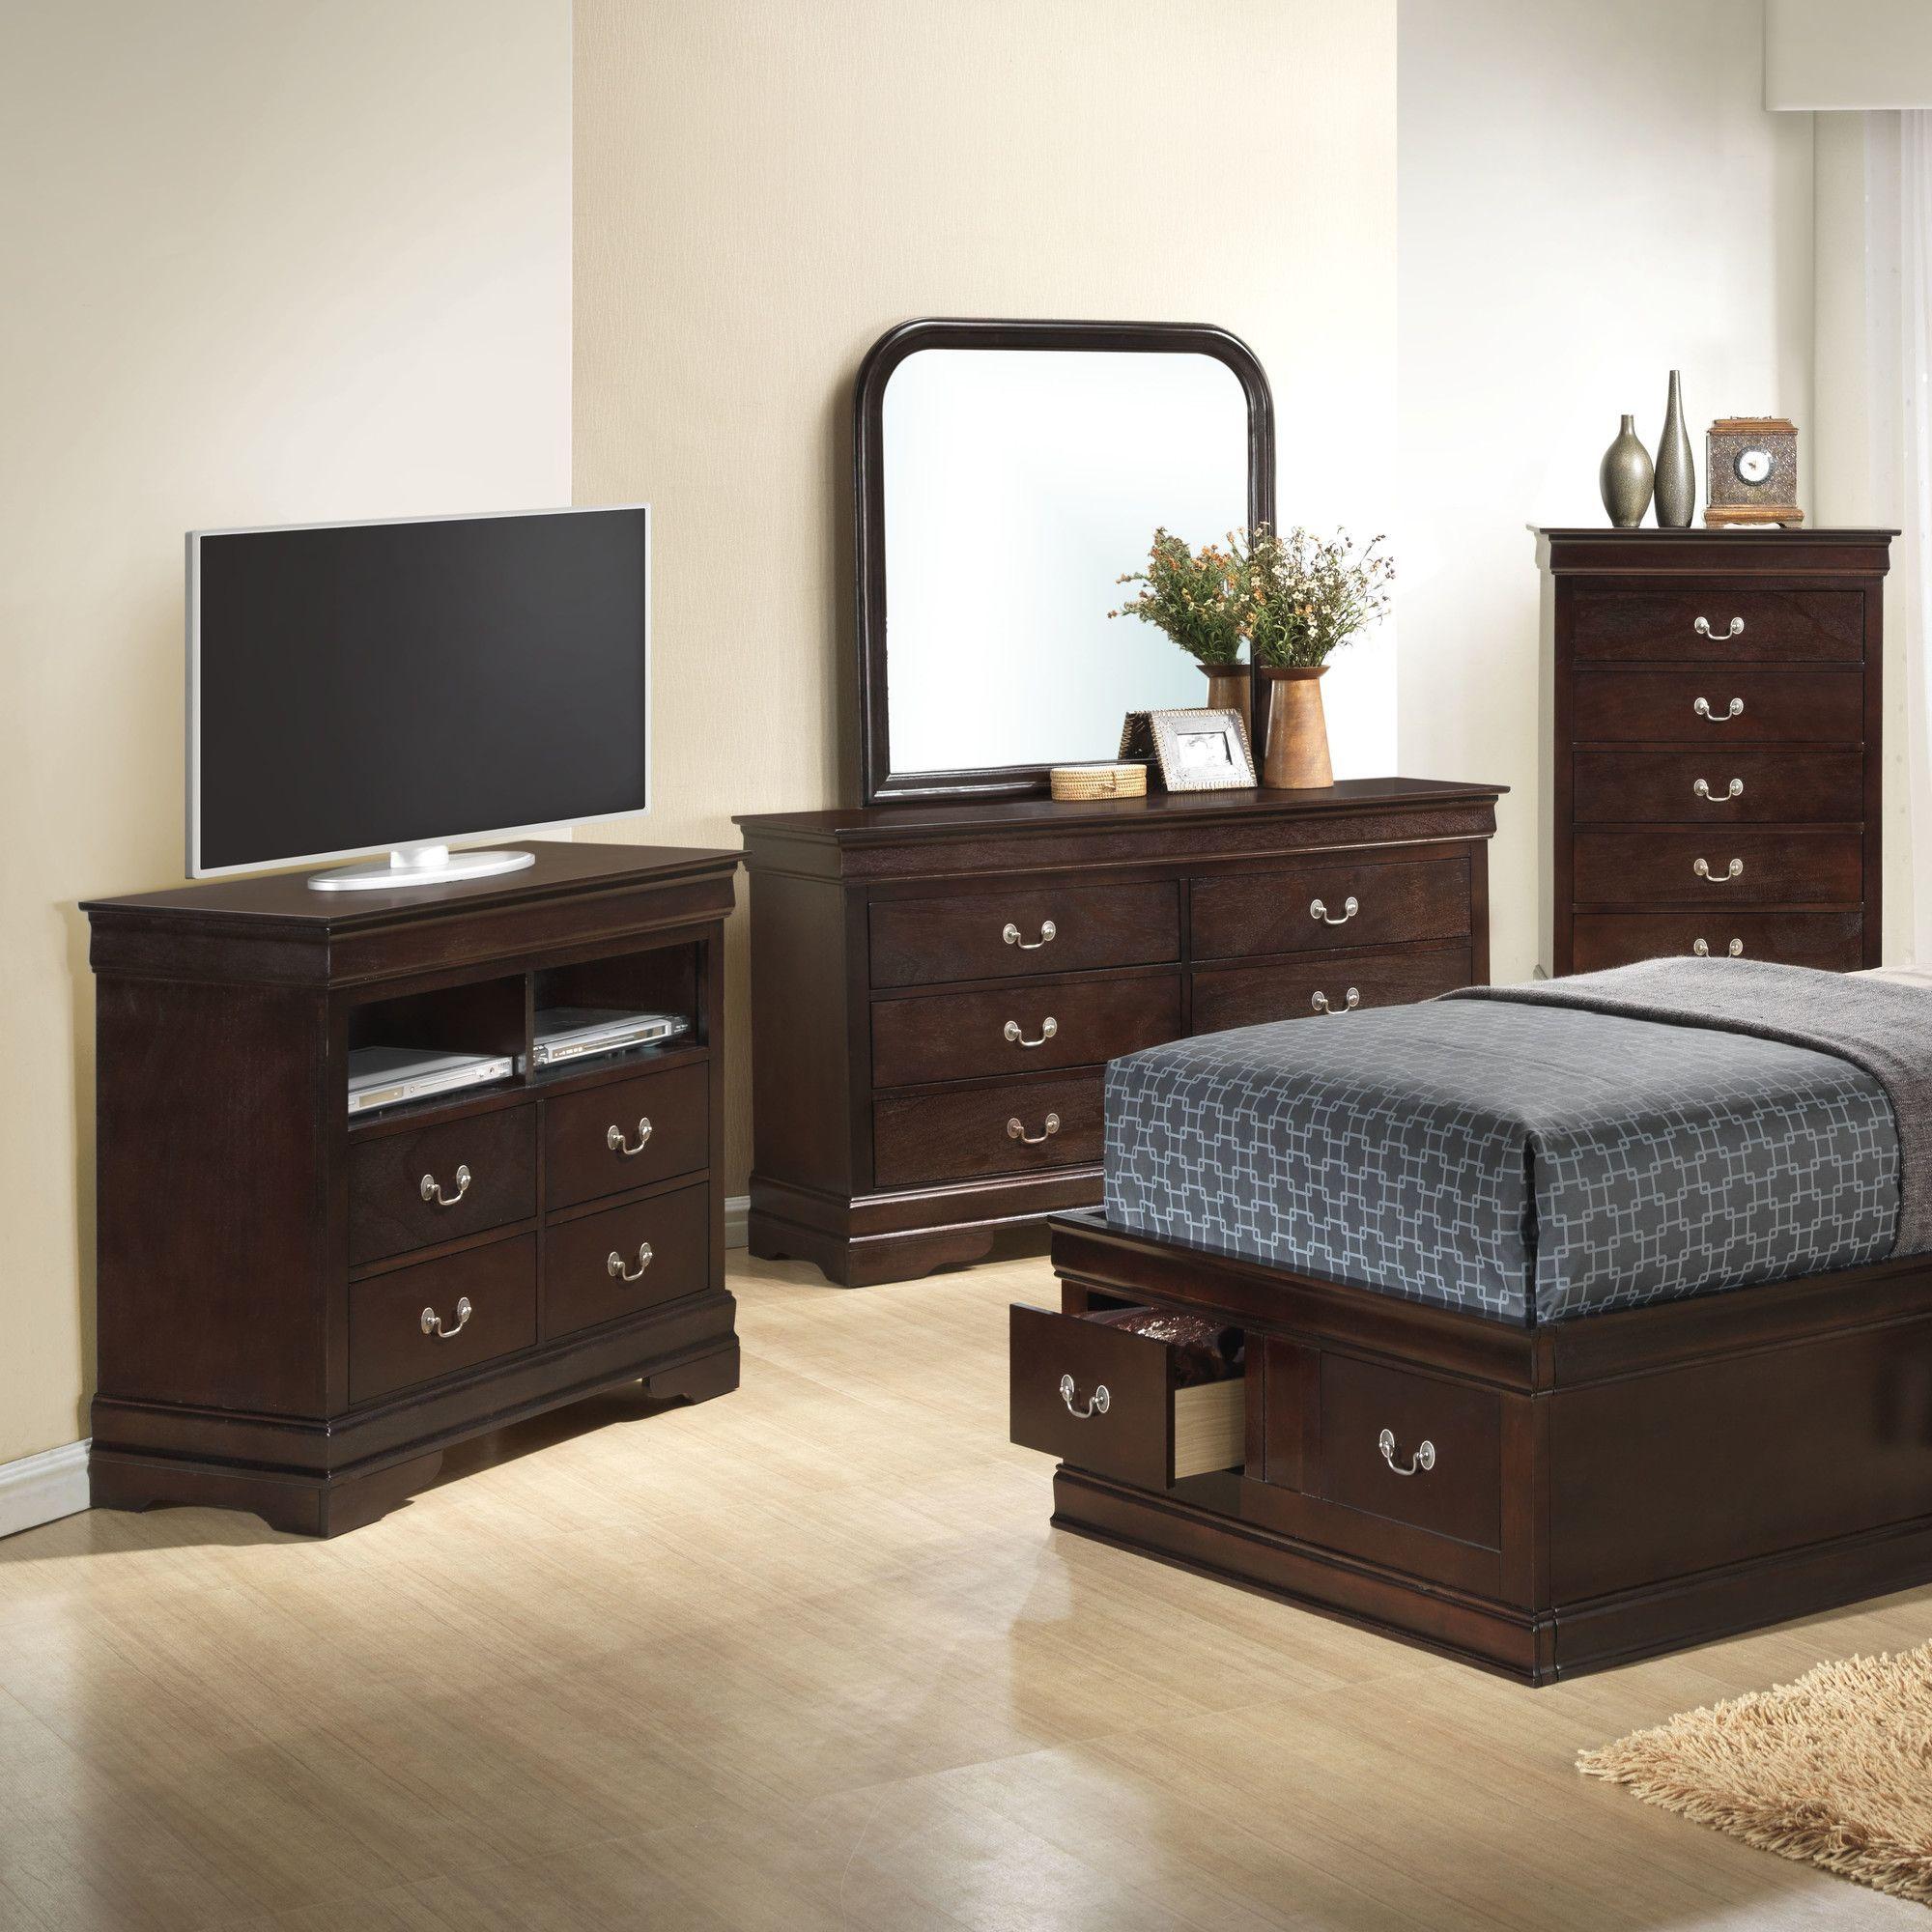 Babcock 4 Drawer Media Chest Bedroom Sets Furniture Bedroom